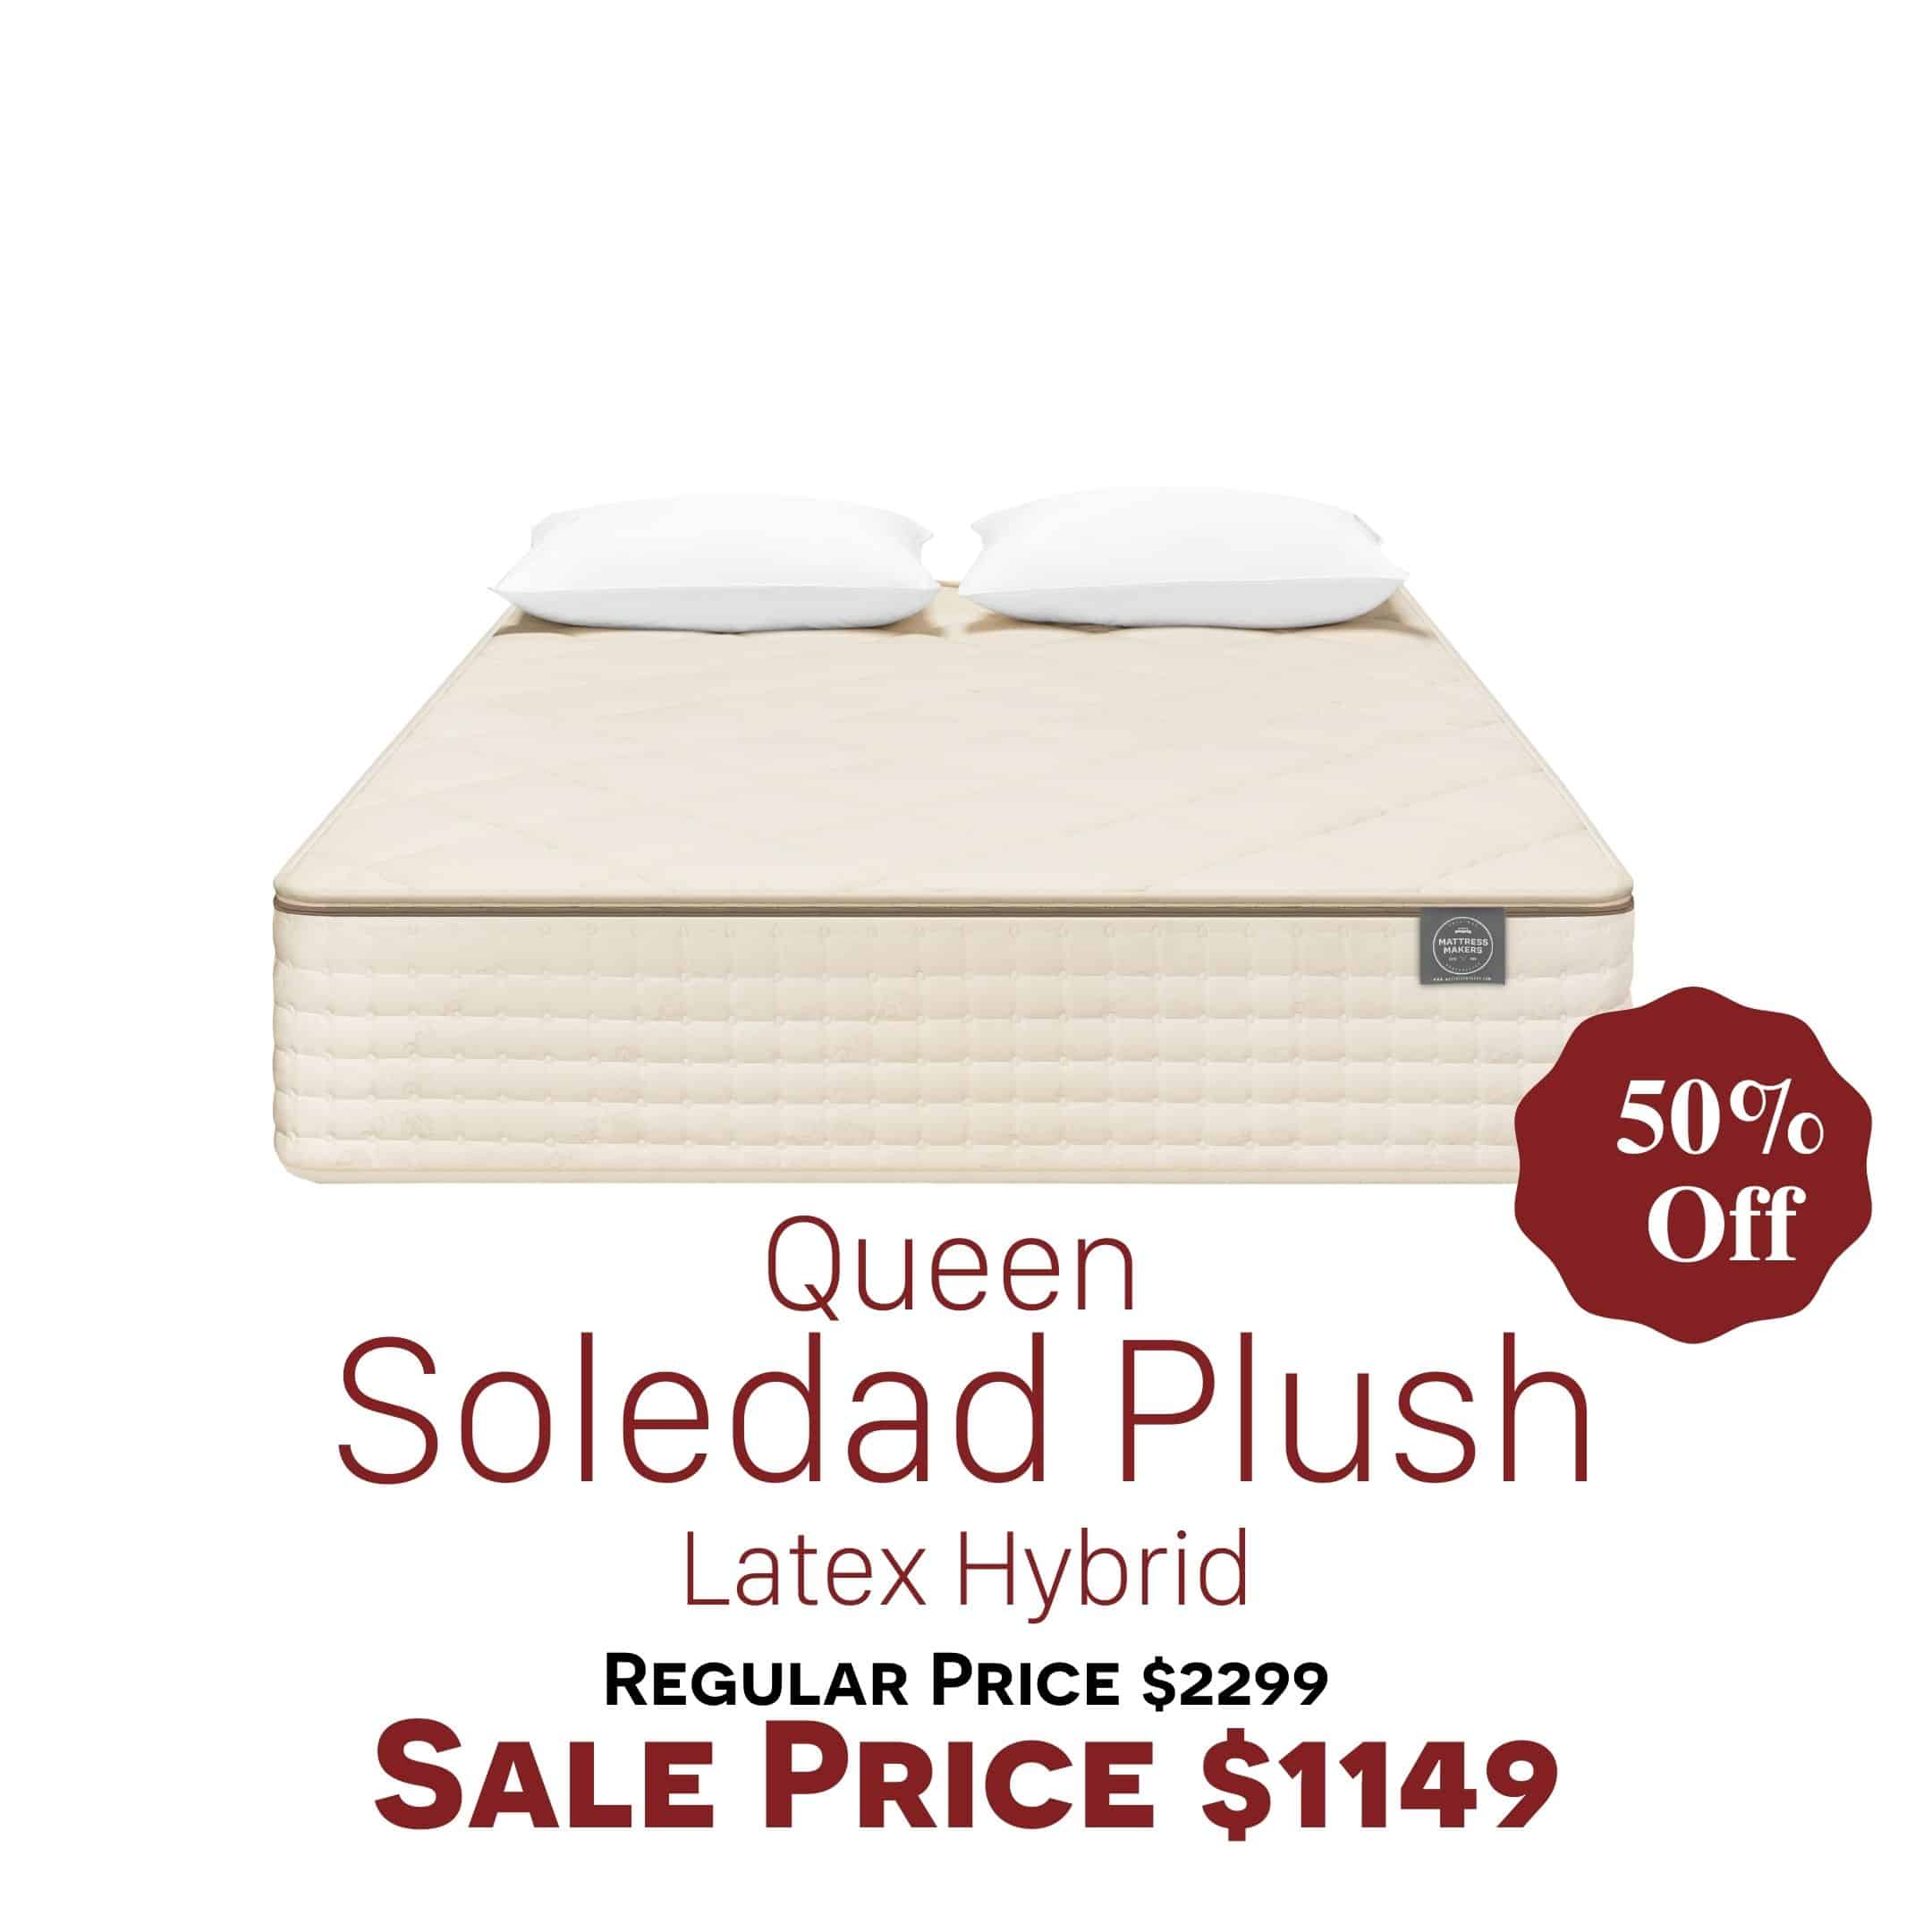 Soledad Plush